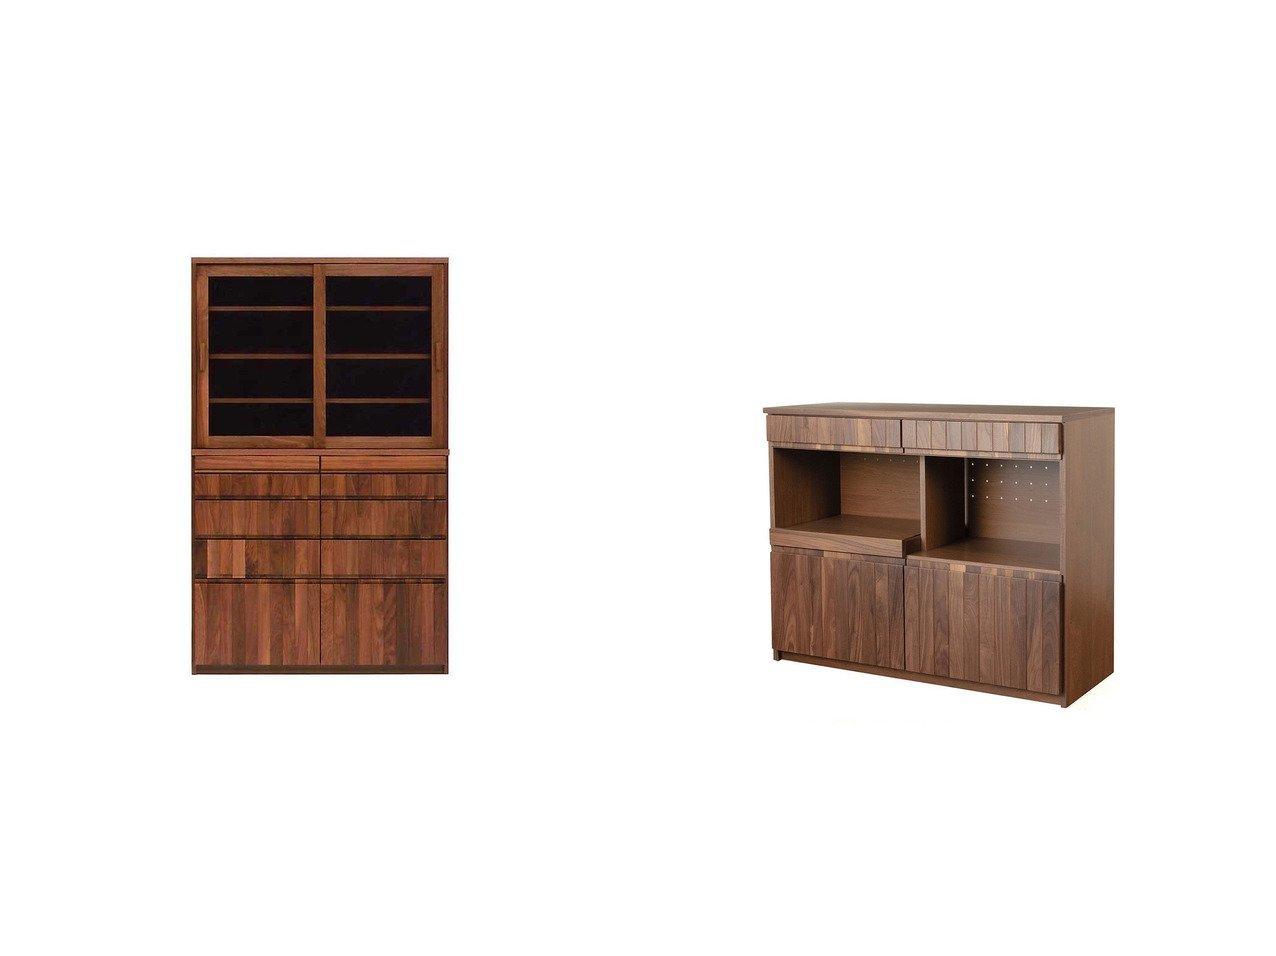 【FLYMEe vert/フライミー ヴェール】のカップボード #3653&キッチンカウンター #14052 【FURNITURE】おすすめ!人気、インテリア雑貨・家具の通販  おすすめで人気の流行・トレンド、ファッションの通販商品 インテリア・家具・メンズファッション・キッズファッション・レディースファッション・服の通販 founy(ファニー) https://founy.com/ ガラス グラス ホーム・キャンプ・アウトドア Home,Garden,Outdoor,Camping Gear キッチン・ダイニング Kitchen Dining キッチン収納 Kitchen 食器棚・レンジ台・キッチンボード ホーム・キャンプ・アウトドア Home,Garden,Outdoor,Camping Gear キッチン・ダイニング Kitchen Dining キッチン家電・キッチン用品 Kitchenware カップ&ソーサー・マグ |ID:crp329100000050599